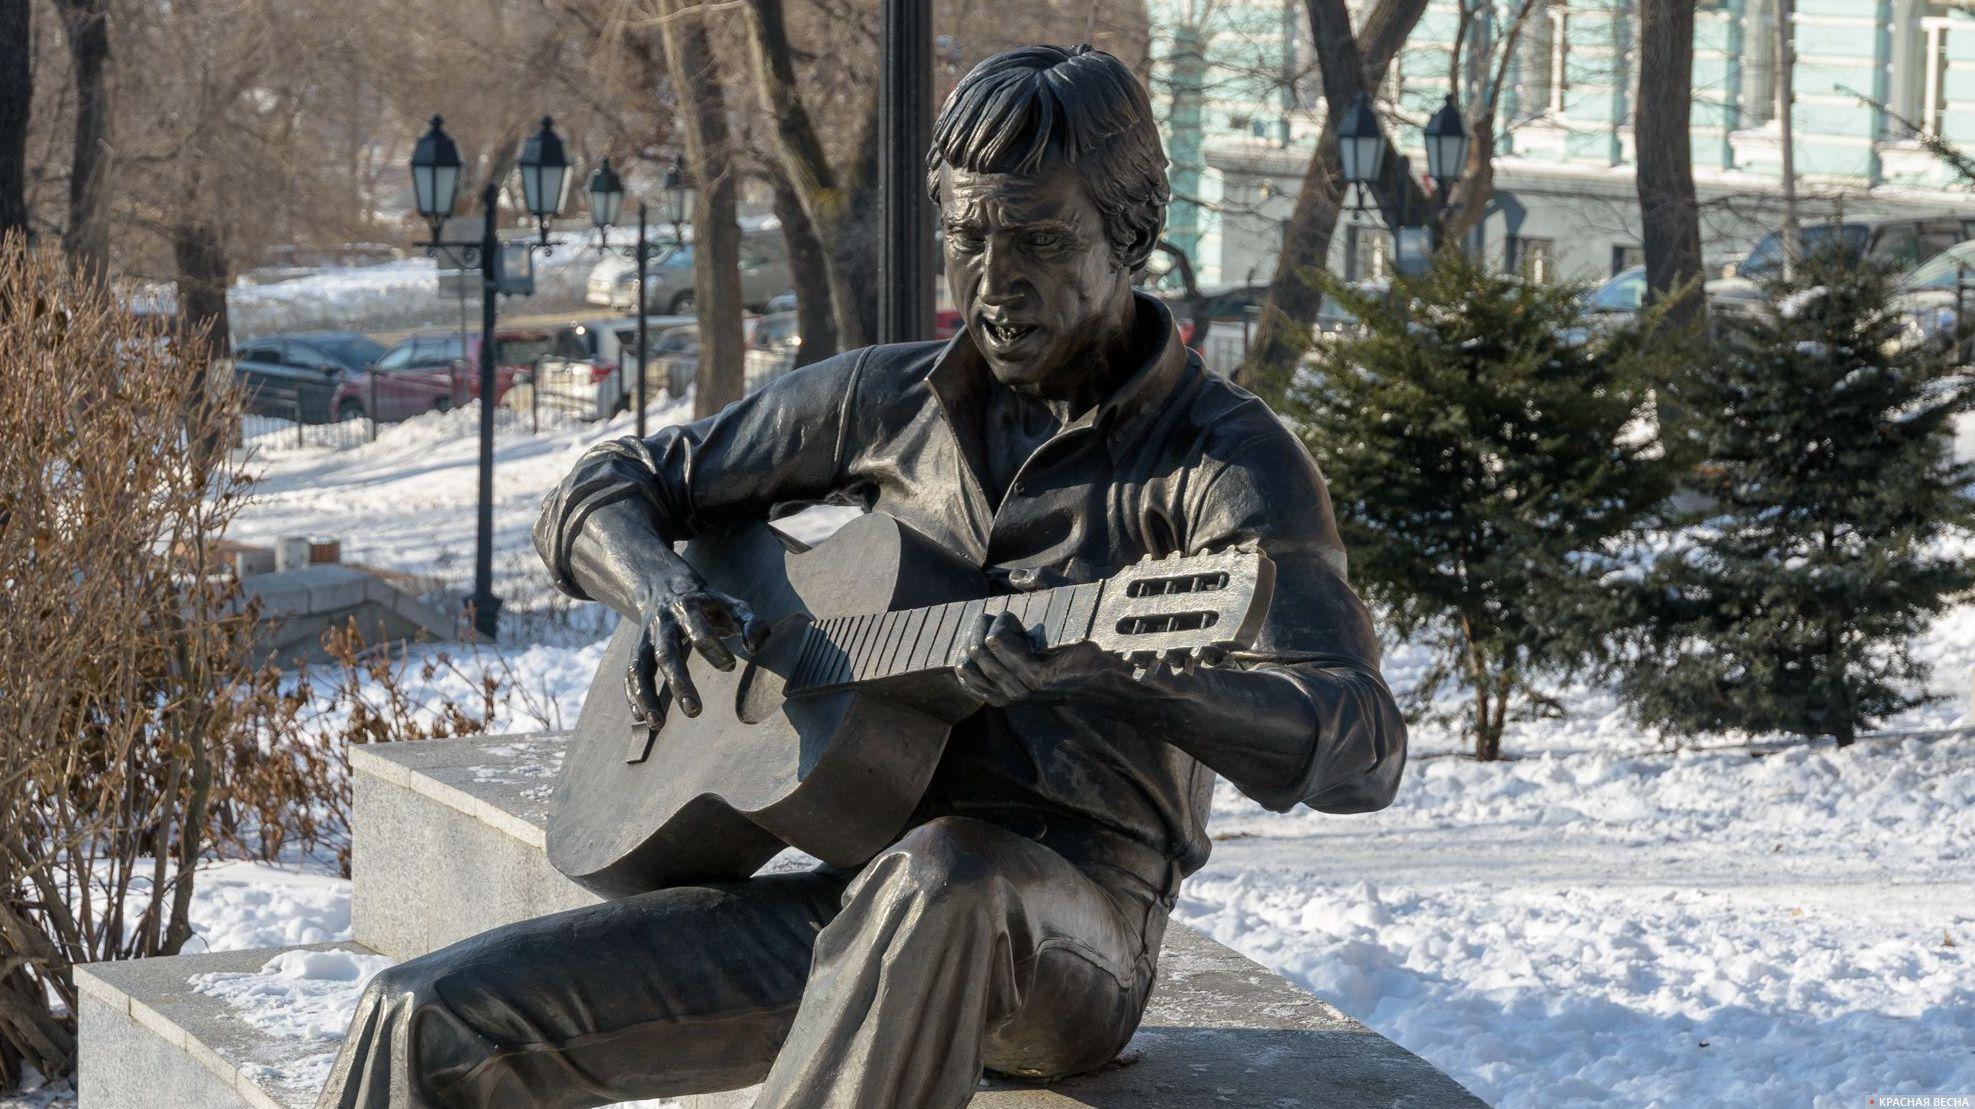 Памятник Владимиру Высоцкому, Владивосток, Россия.